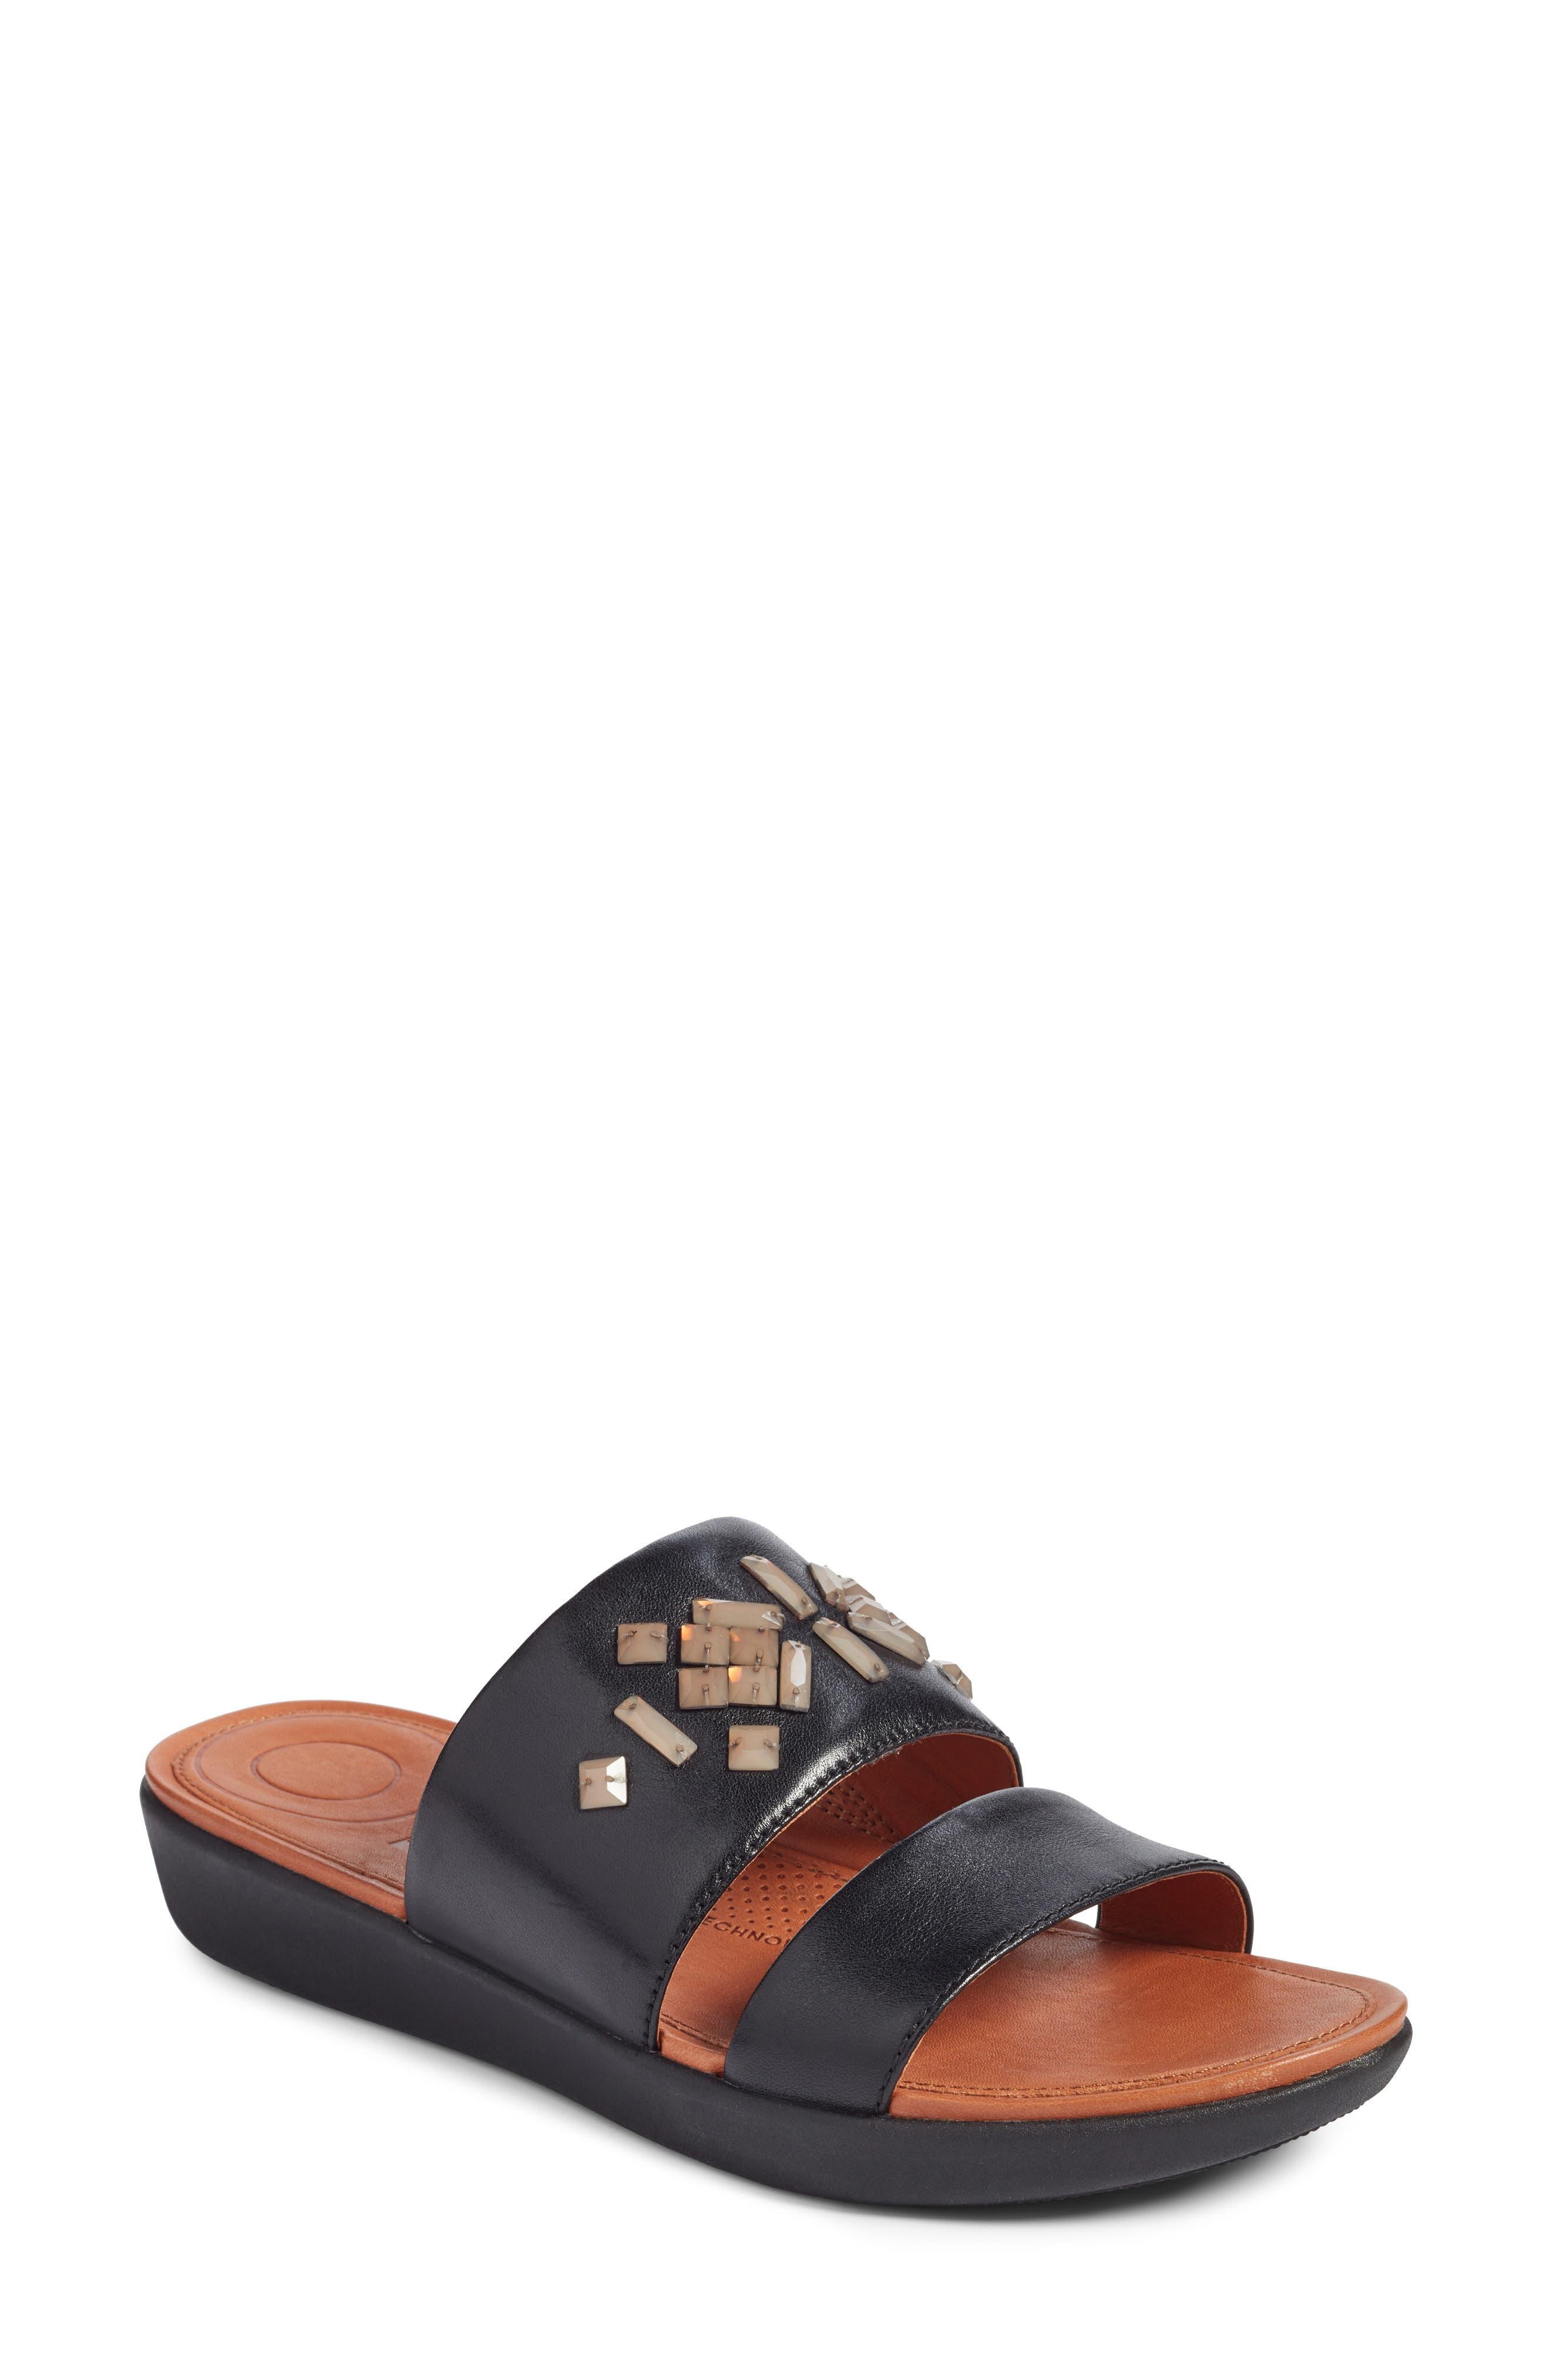 FITFLOP Delta Slide Sandal, Main, color, 001